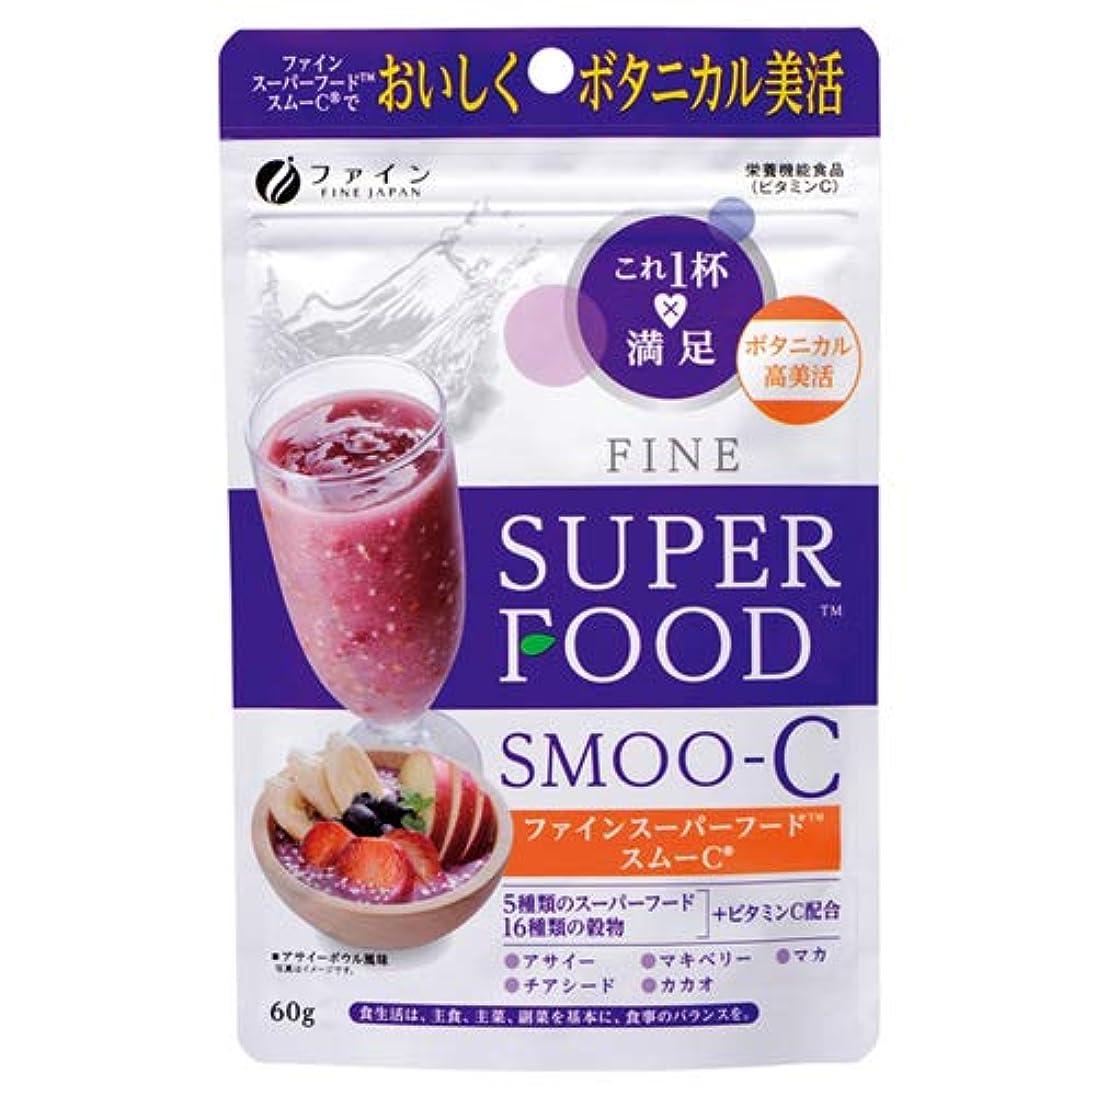 上流の区別拮抗ファイン スーパーフード スムーC 60g 【2袋組】